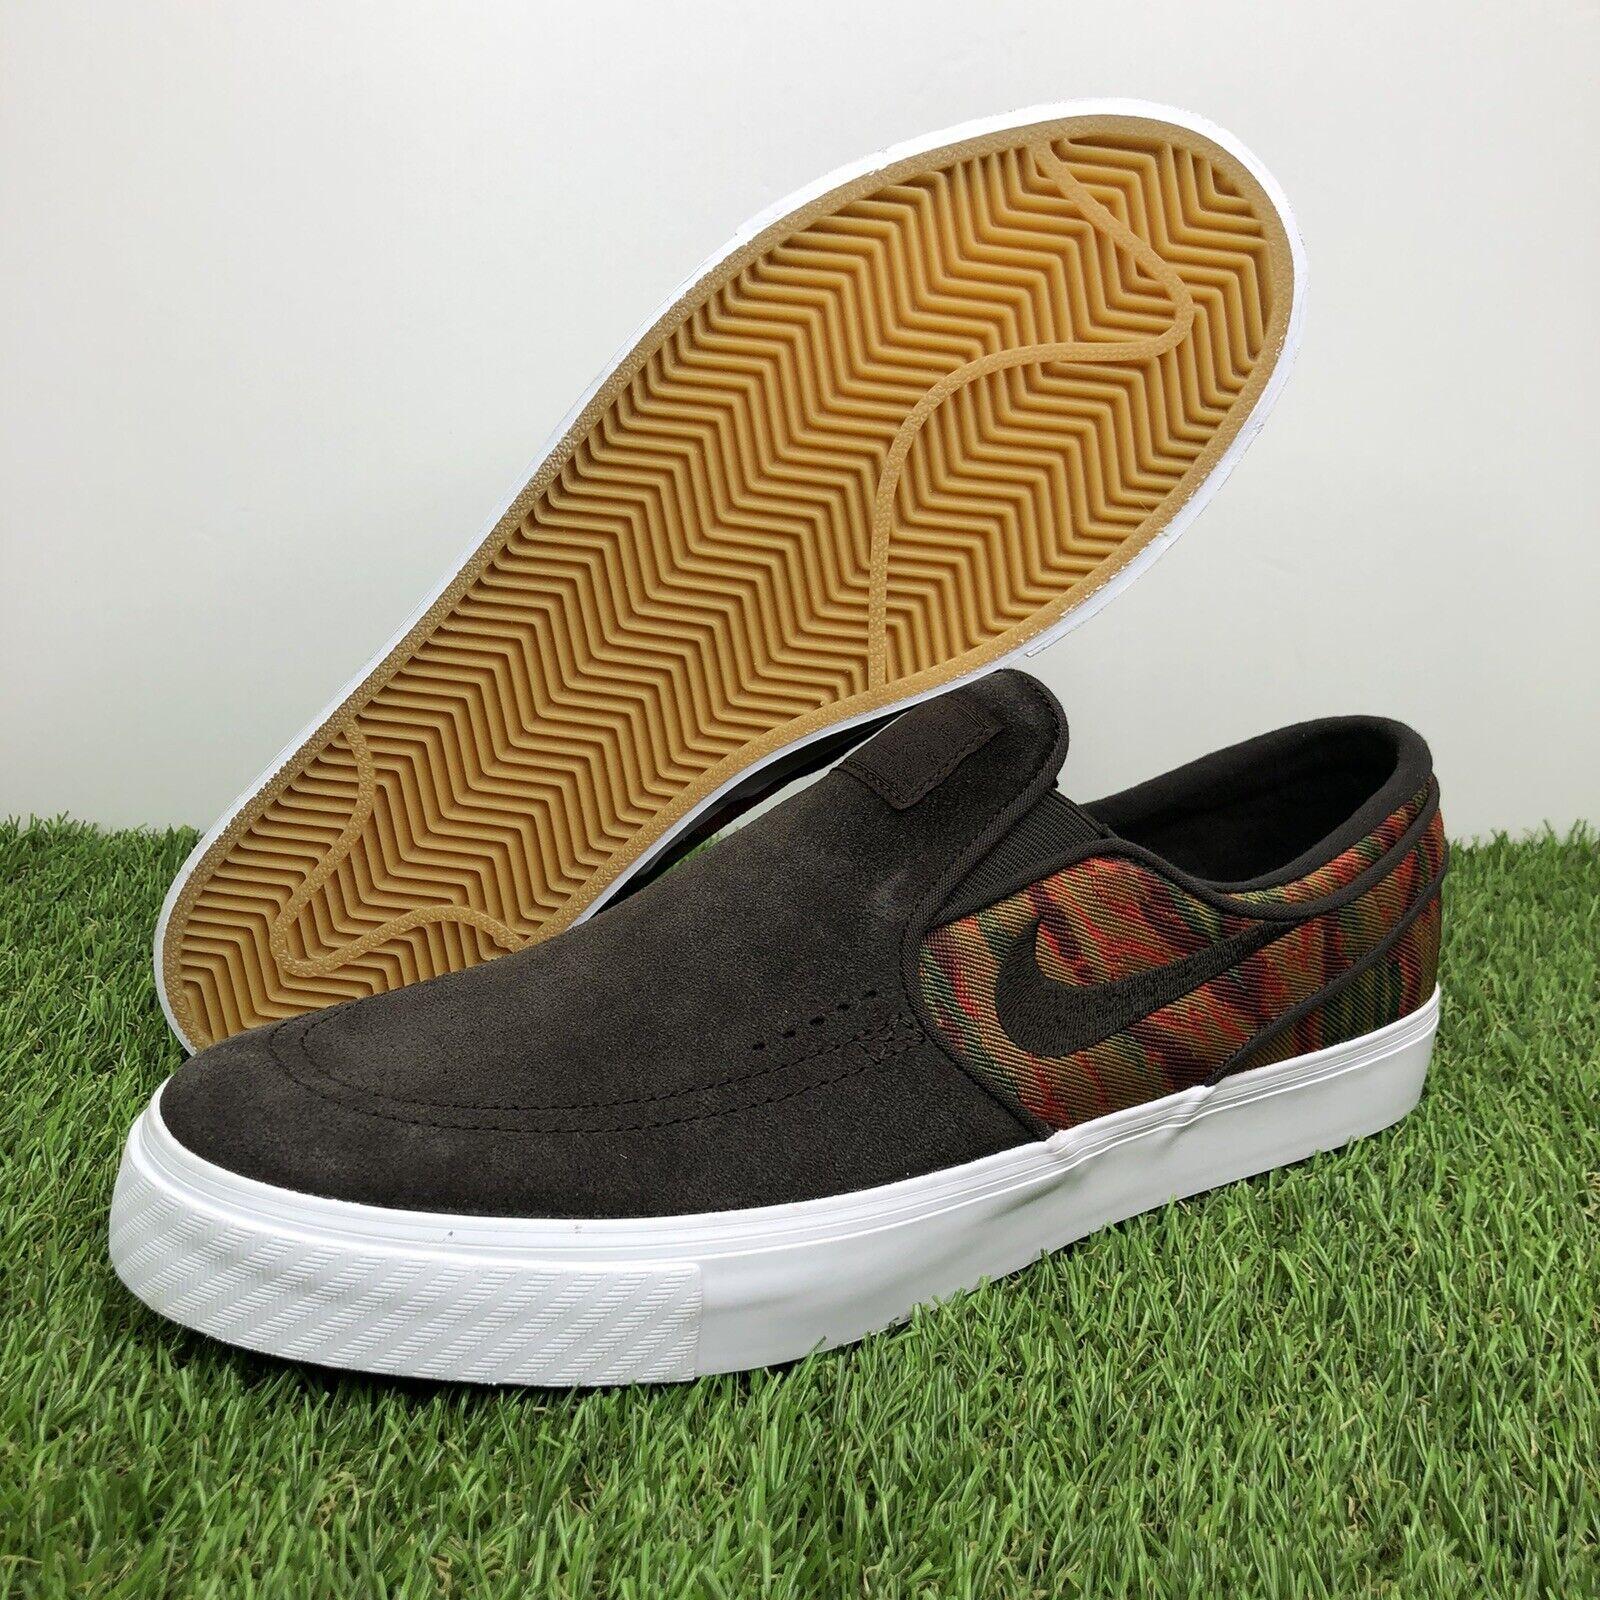 Aprendizaje Aliviar Sociable  Nike Zoom Stefan Janoski Slip Men Size 12 Canvas British Tan Brown 831749  200 for sale online | eBay